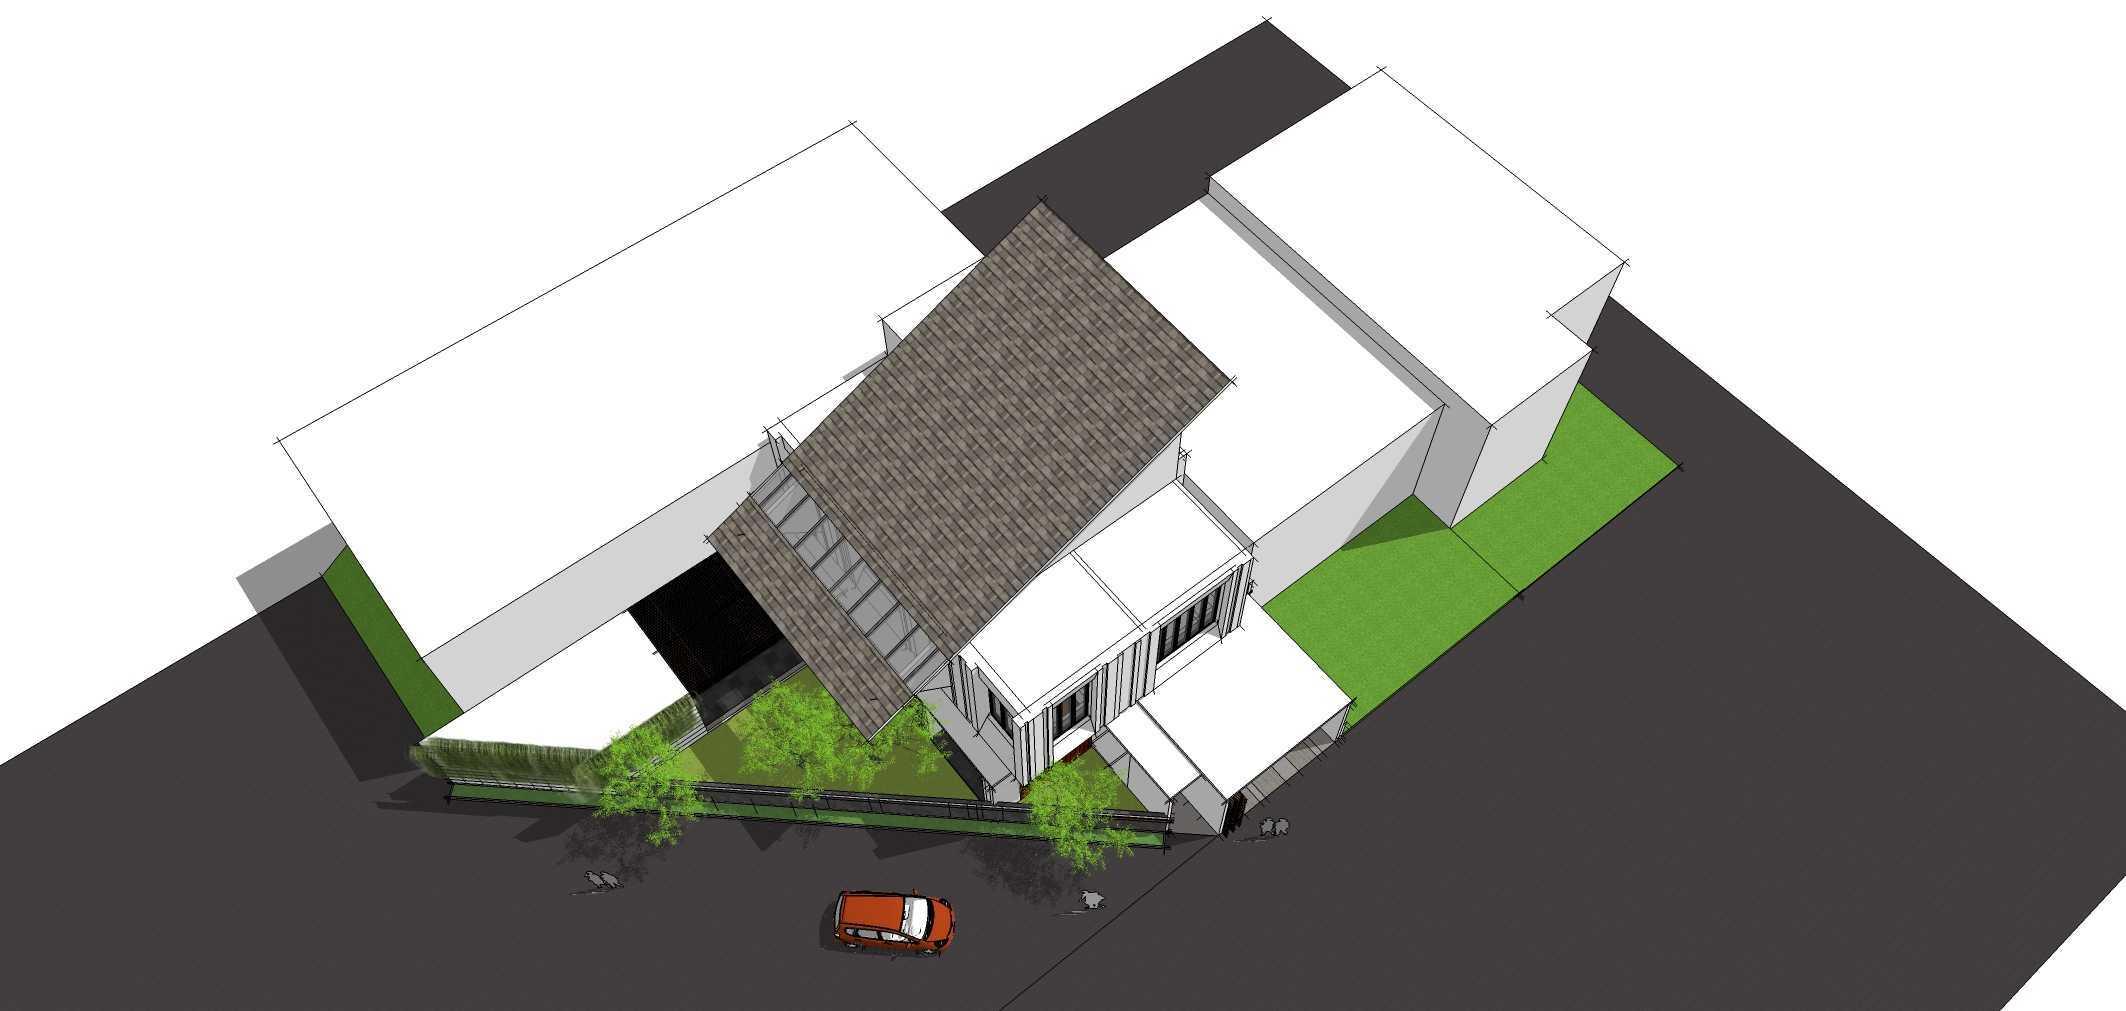 Duatitik Architecture Rumah Permata Jingga Malang, Jawa Timur Malang, Jawa Timur Pj2   30774